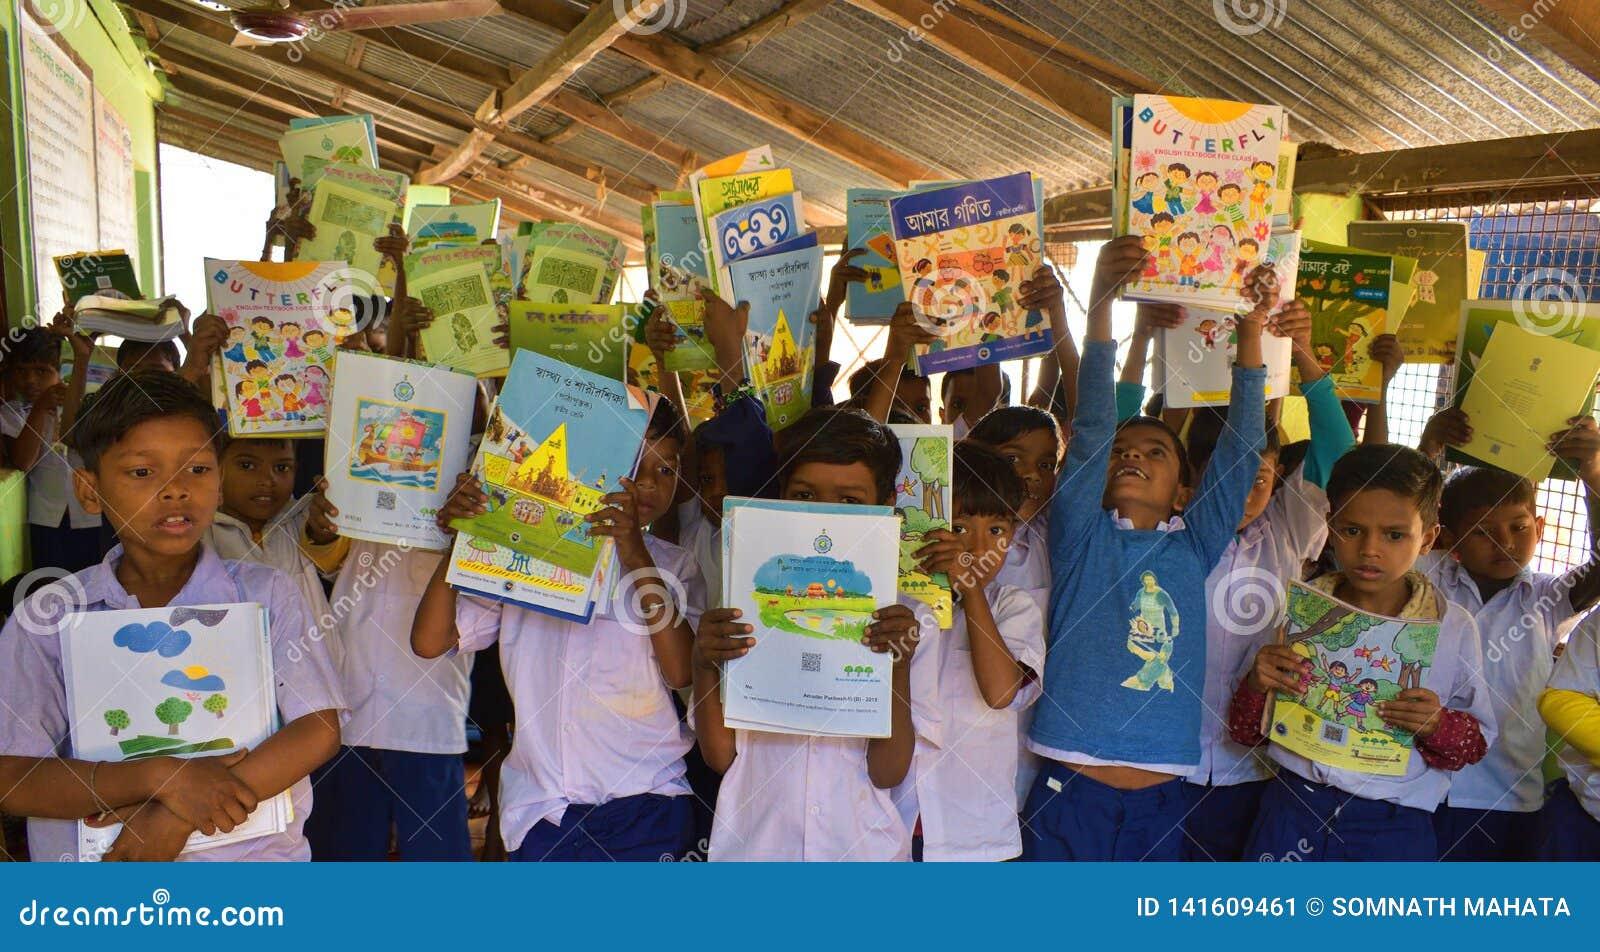 Jhargram västra Bengal, Indien - Januari 2, 2019: Den internationella bokdagen firades av studenterna av en grundskola för barn m